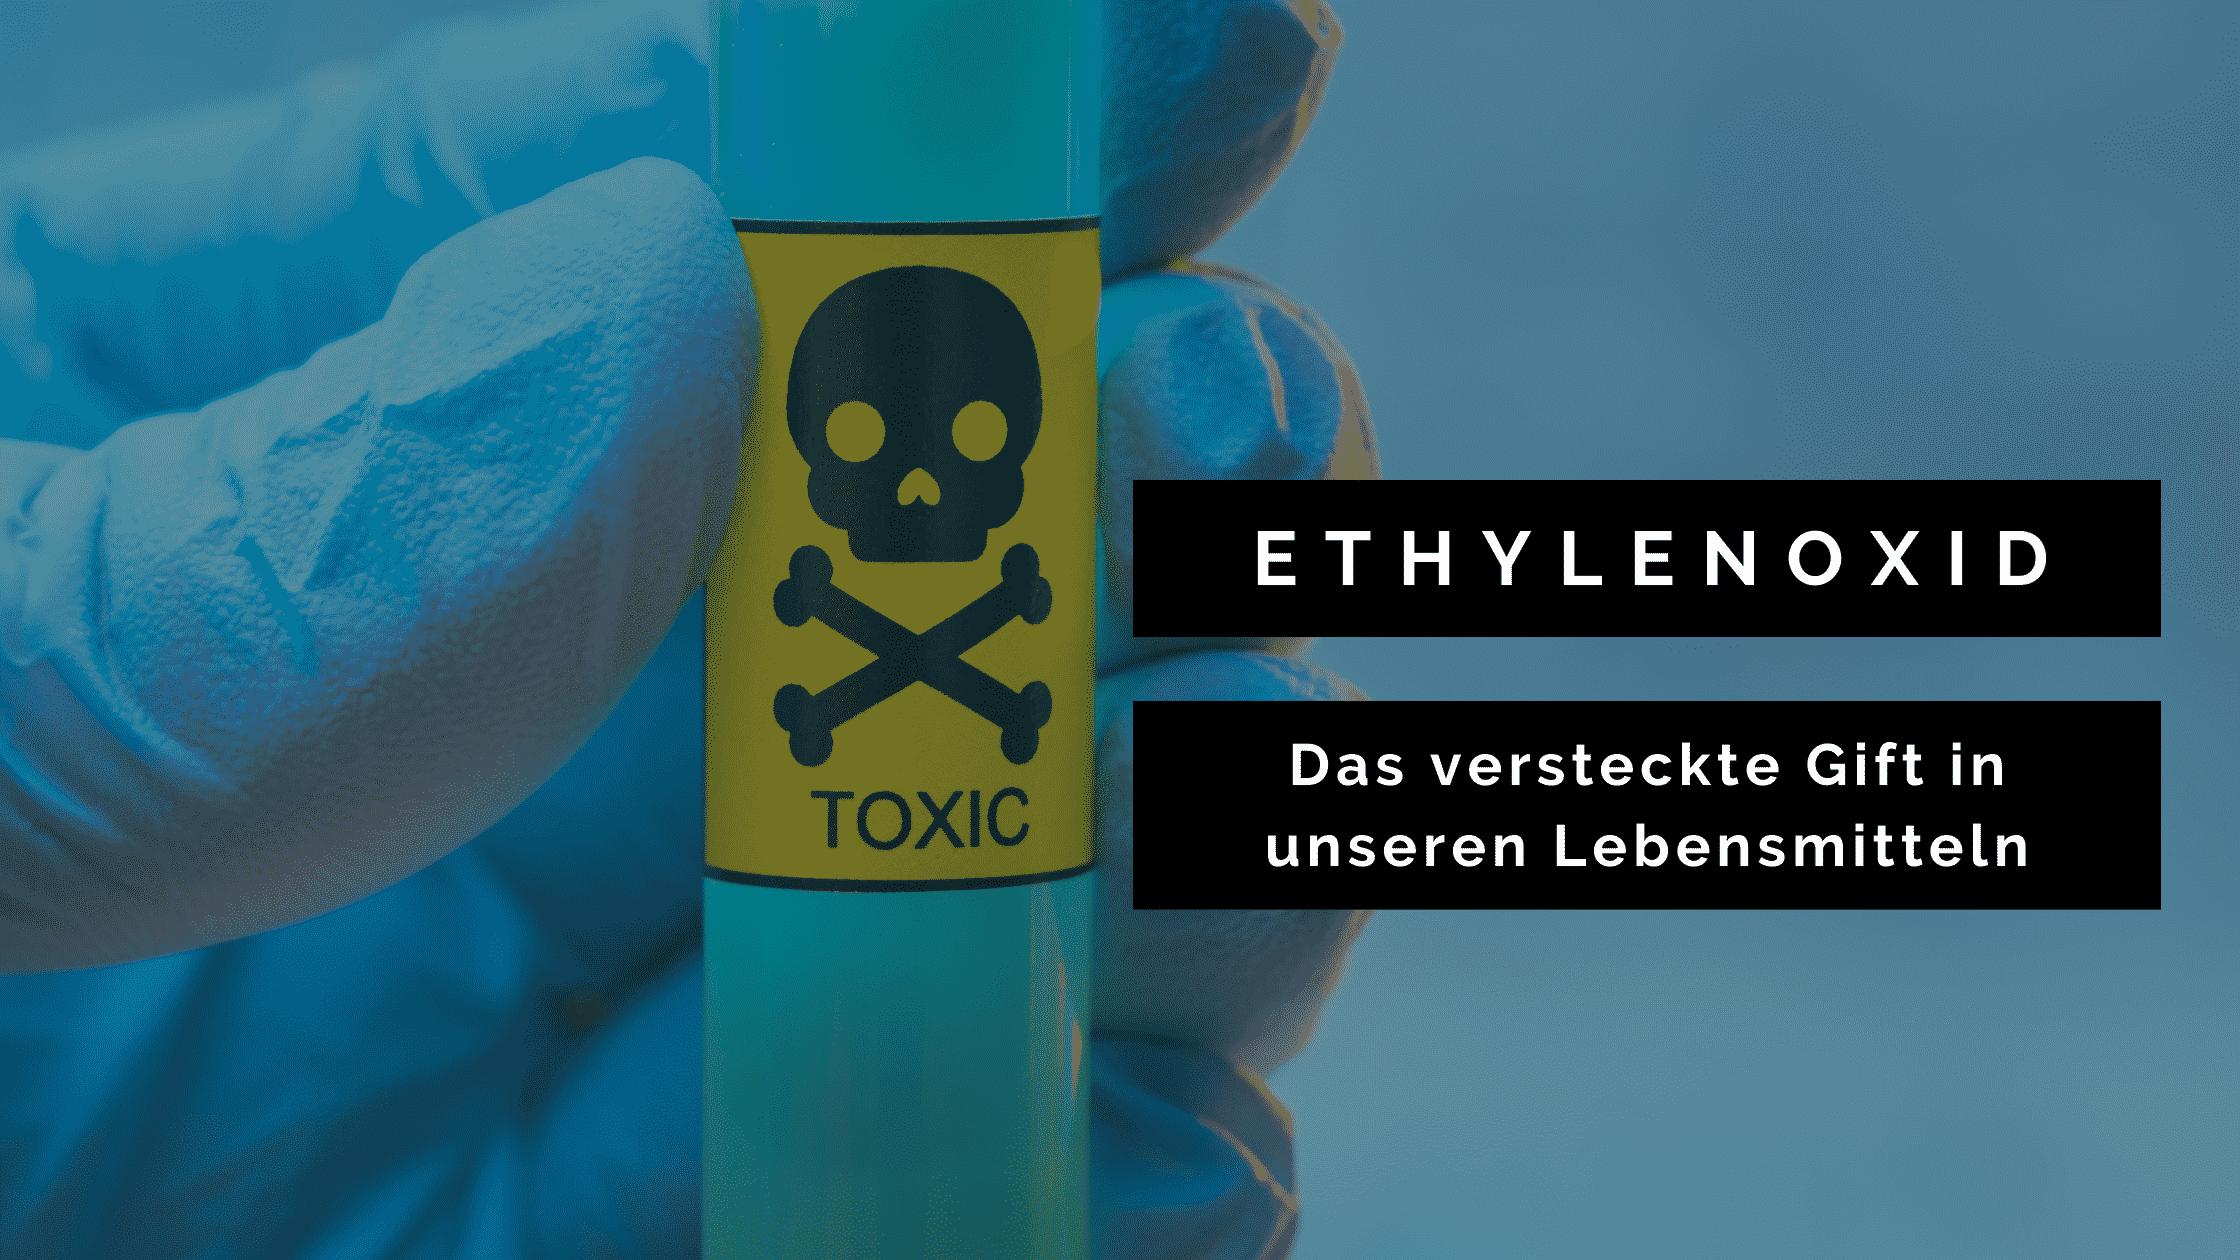 Gift in unseren Lebensmitteln: Ethylenoxid